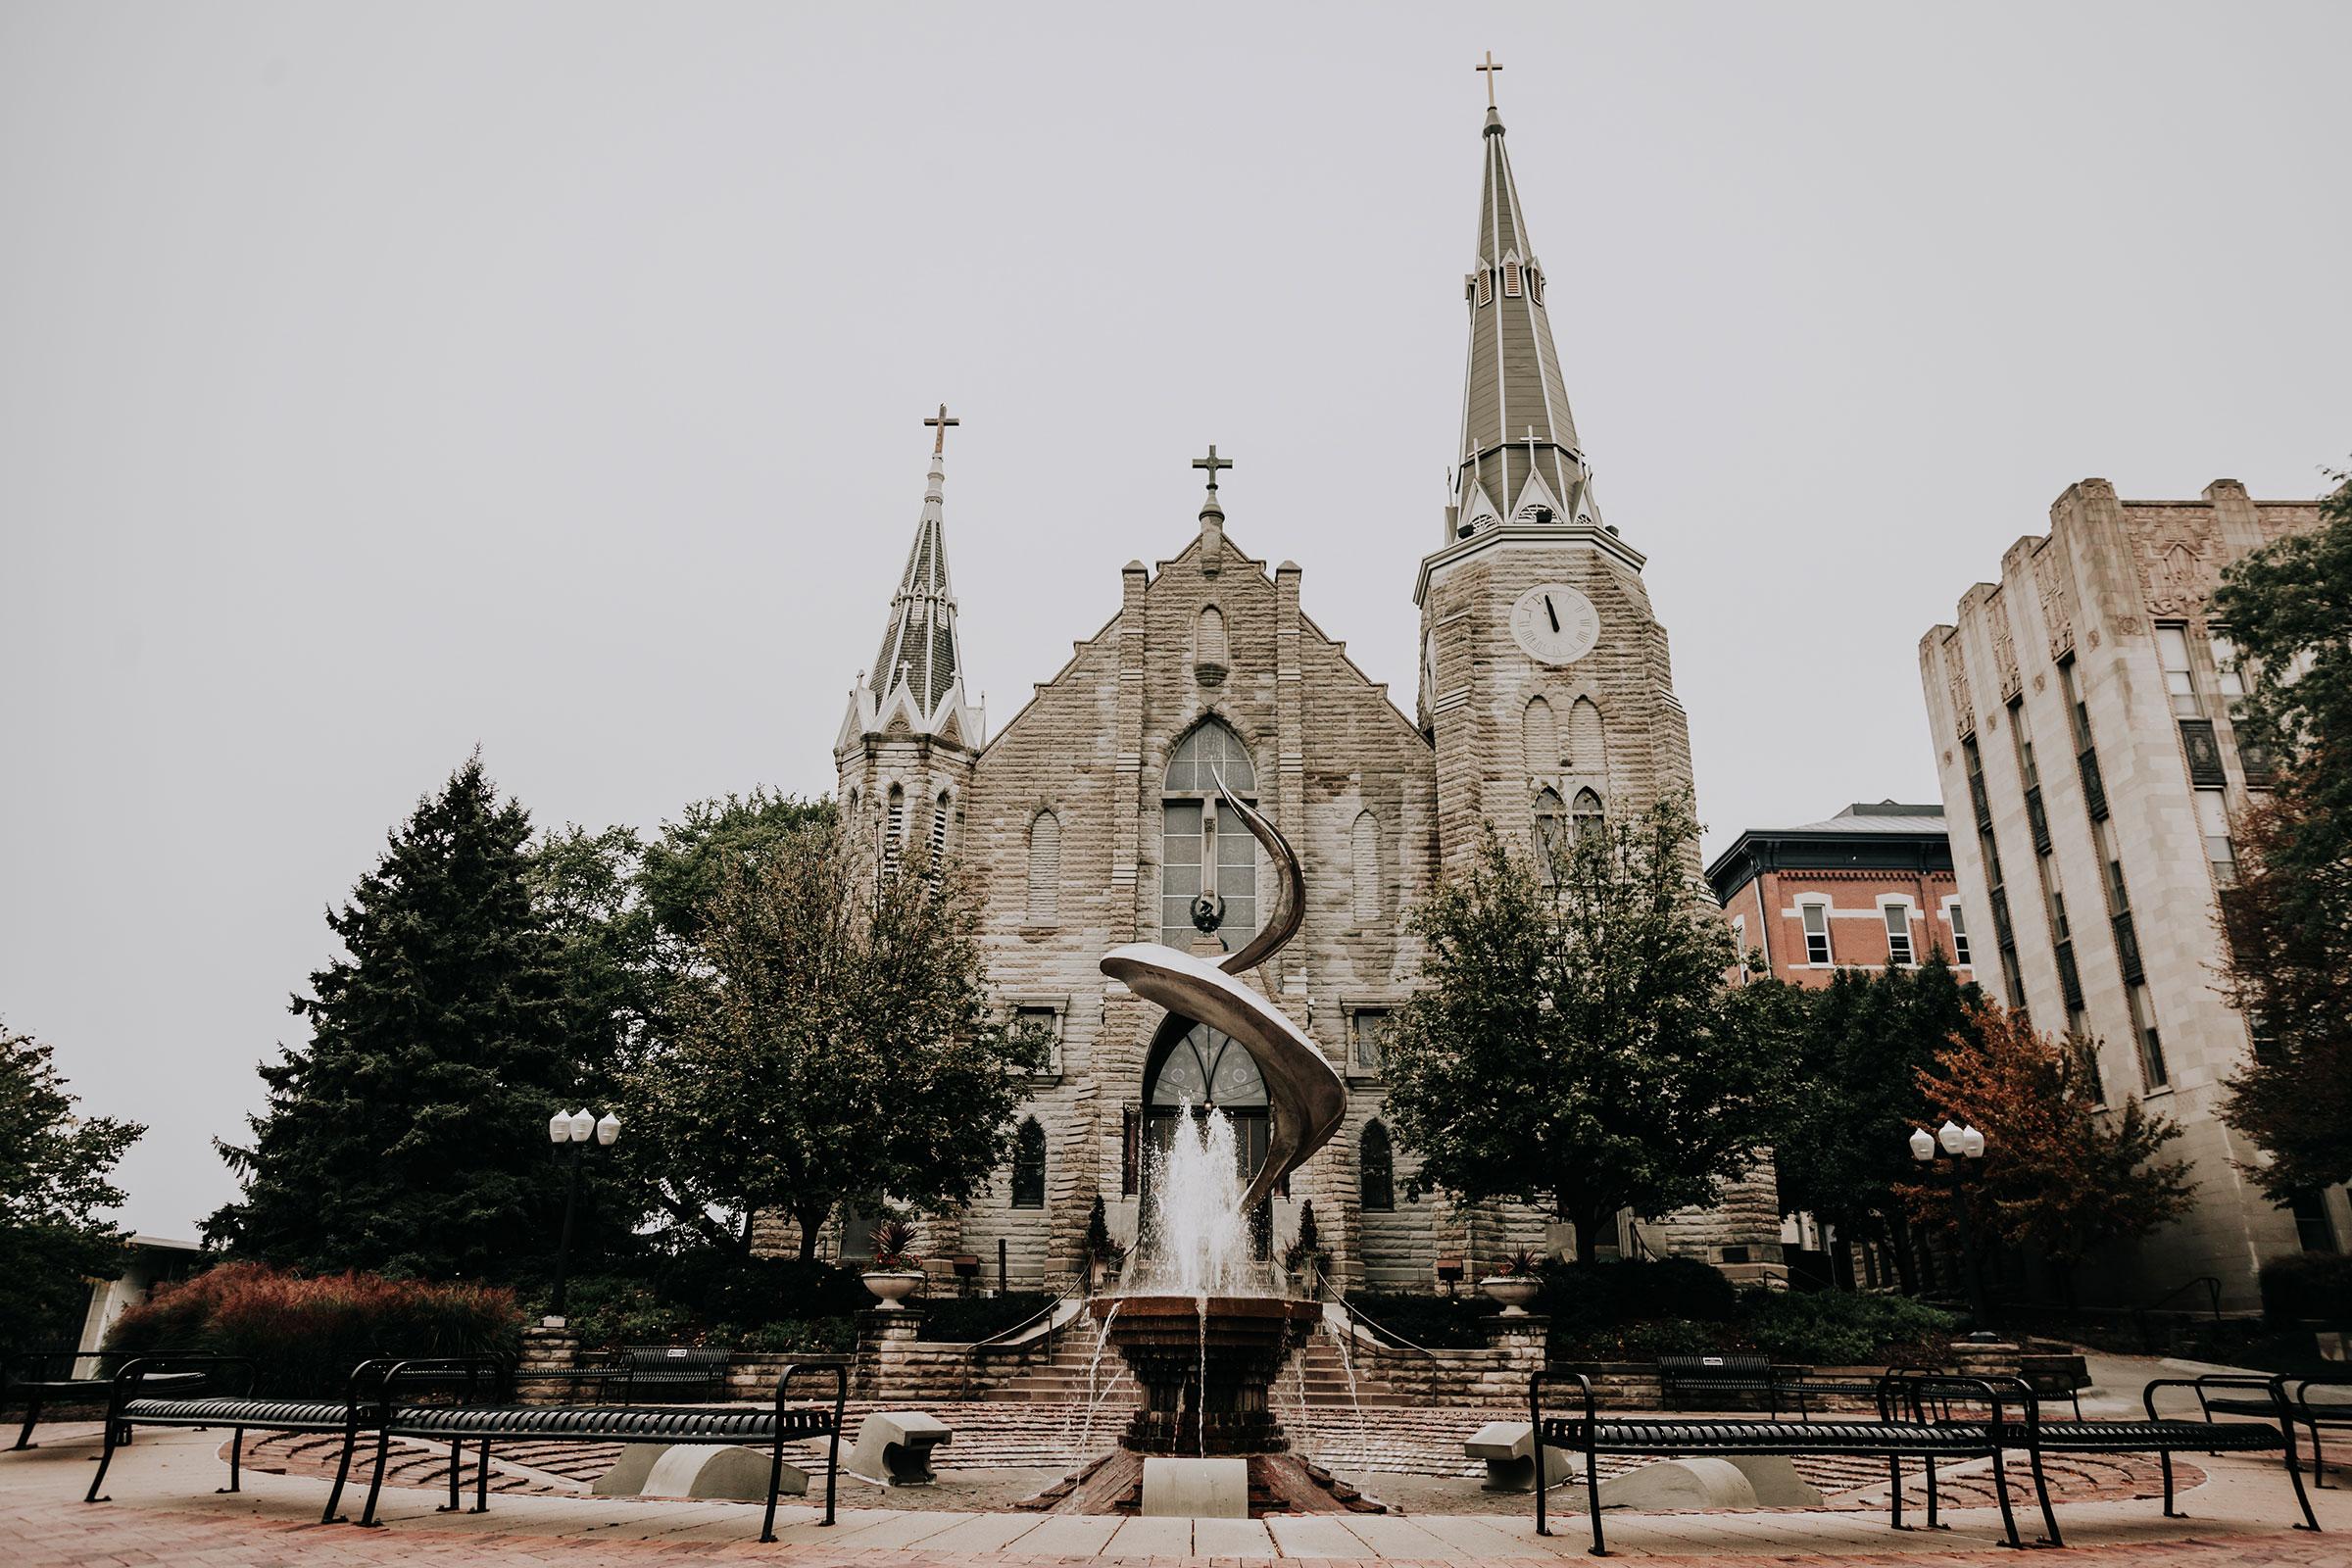 outside-grounds-st-johns-church-at-creighton-omaha-nebraska-raelyn-ramey-photography.jpg